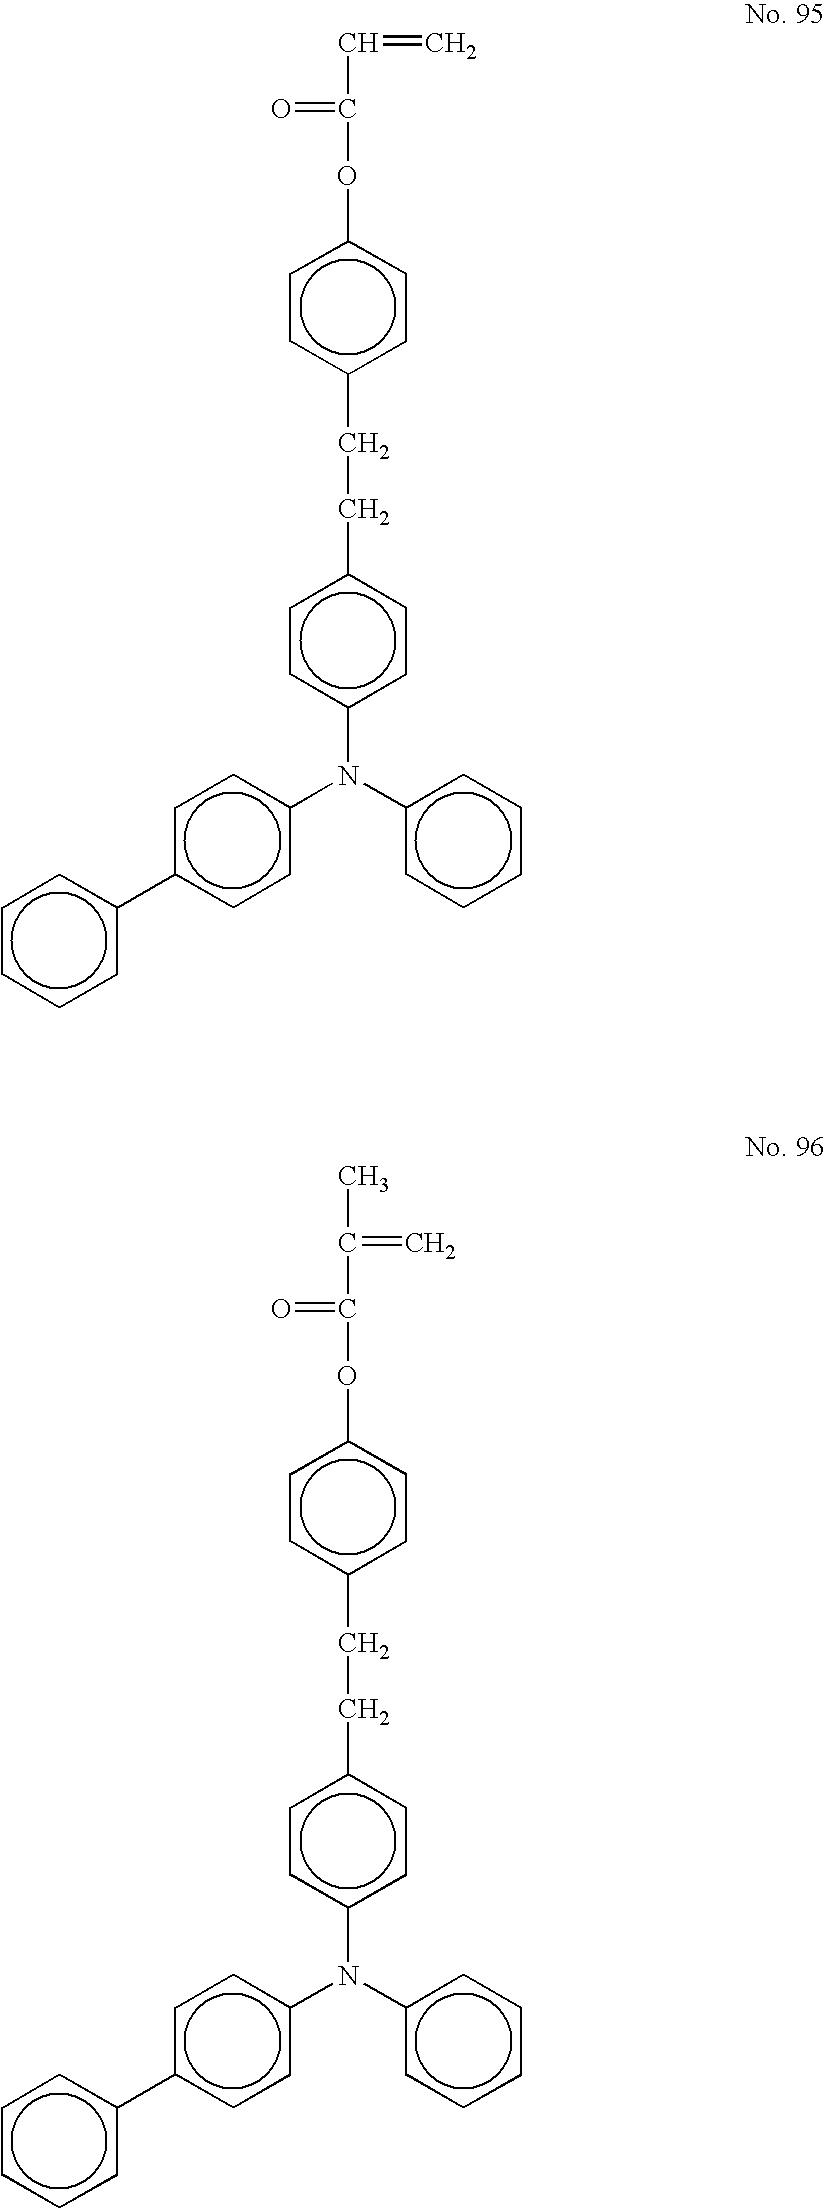 Figure US20060177749A1-20060810-C00048